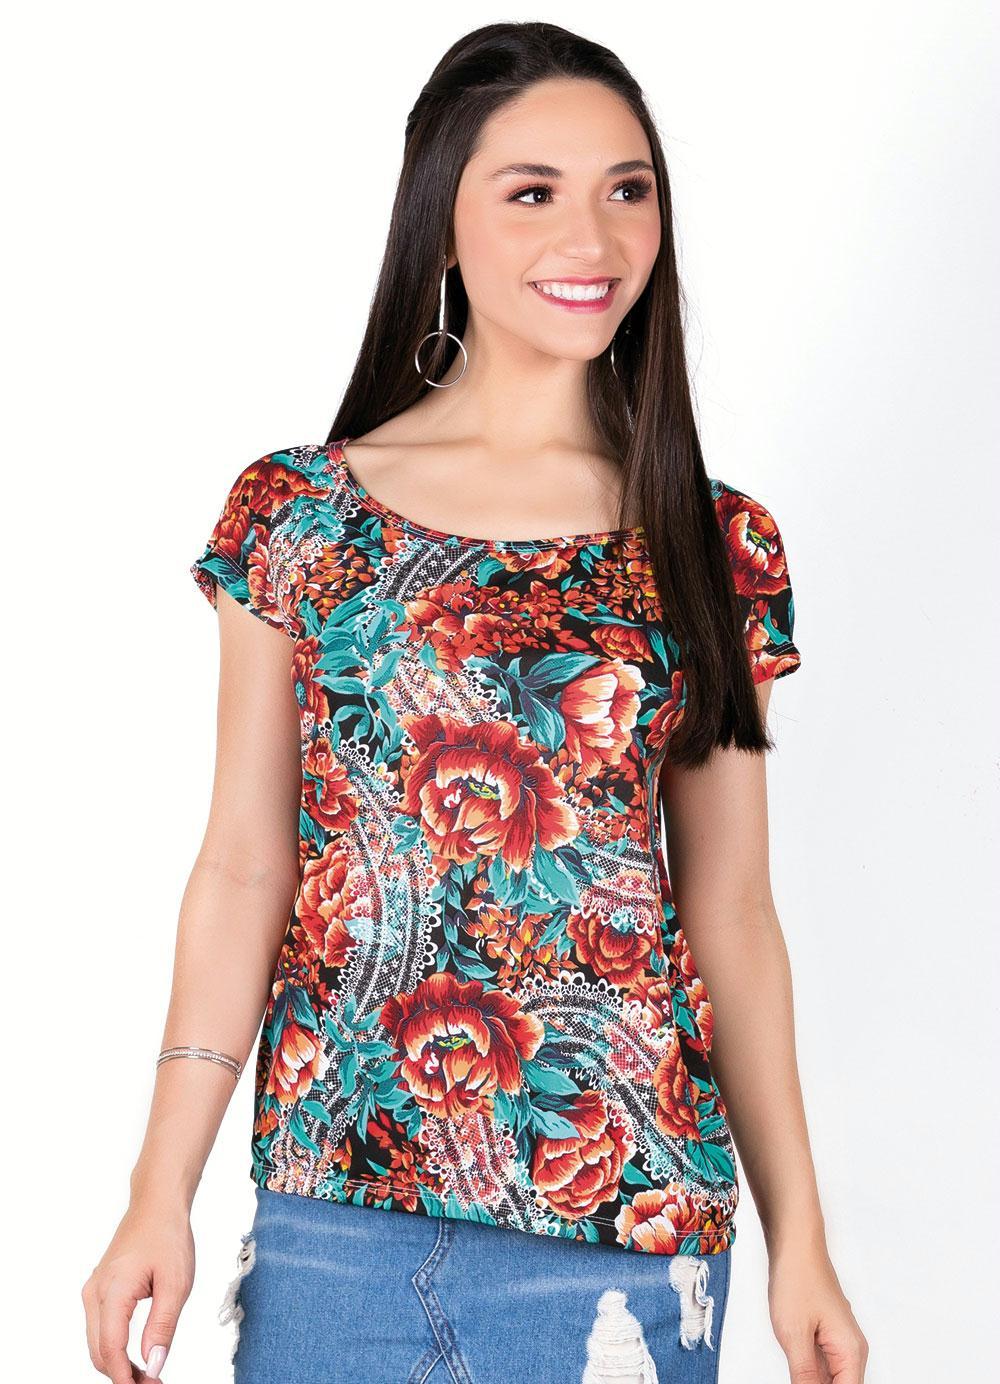 1137a2e694 Blusa Decote Canoa Floral com Detalhe em Gota - Moda Pop